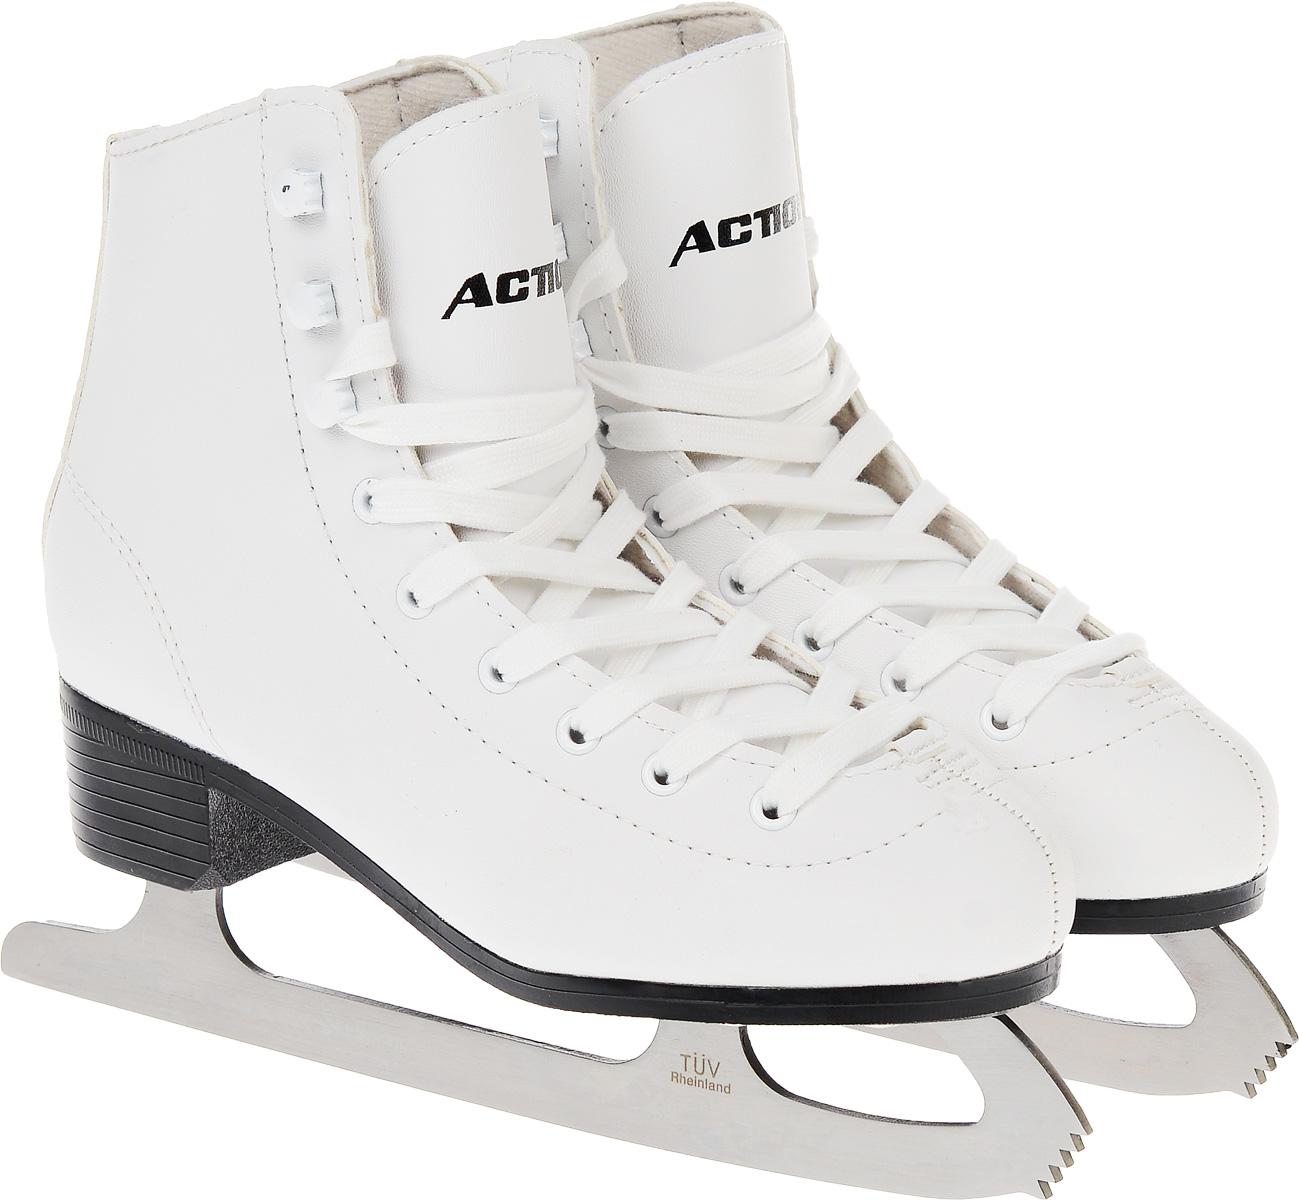 Коньки фигурные женские Action Sporting Goods, цвет: белый. PW-215. Размер 35